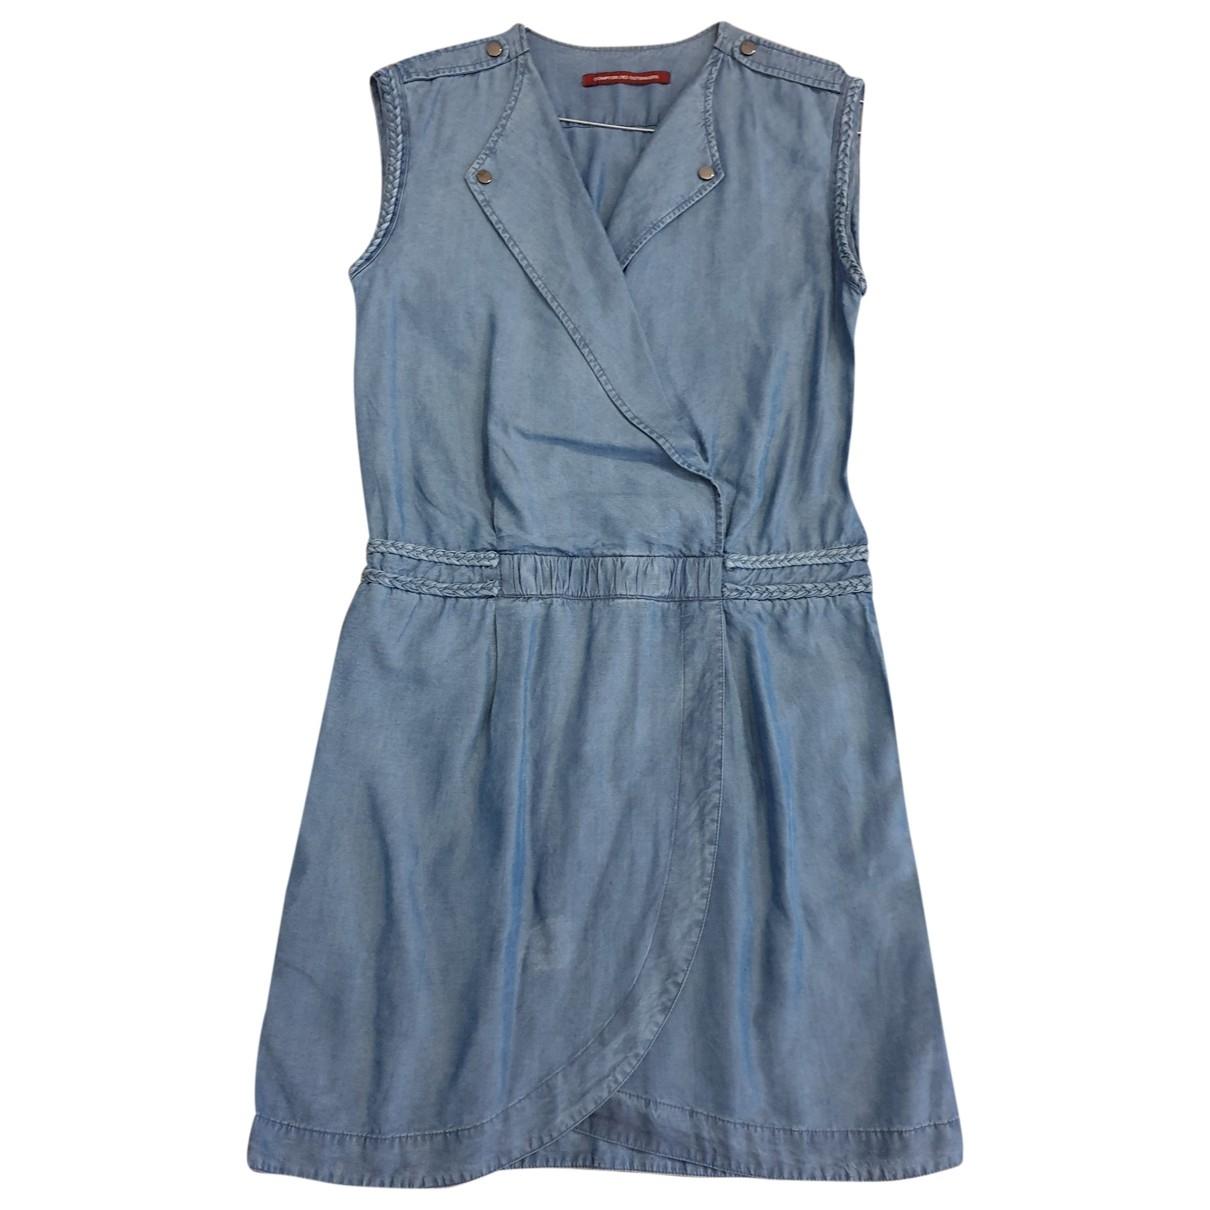 Comptoir Des Cotonniers \N Kleid in Denim - Jeans